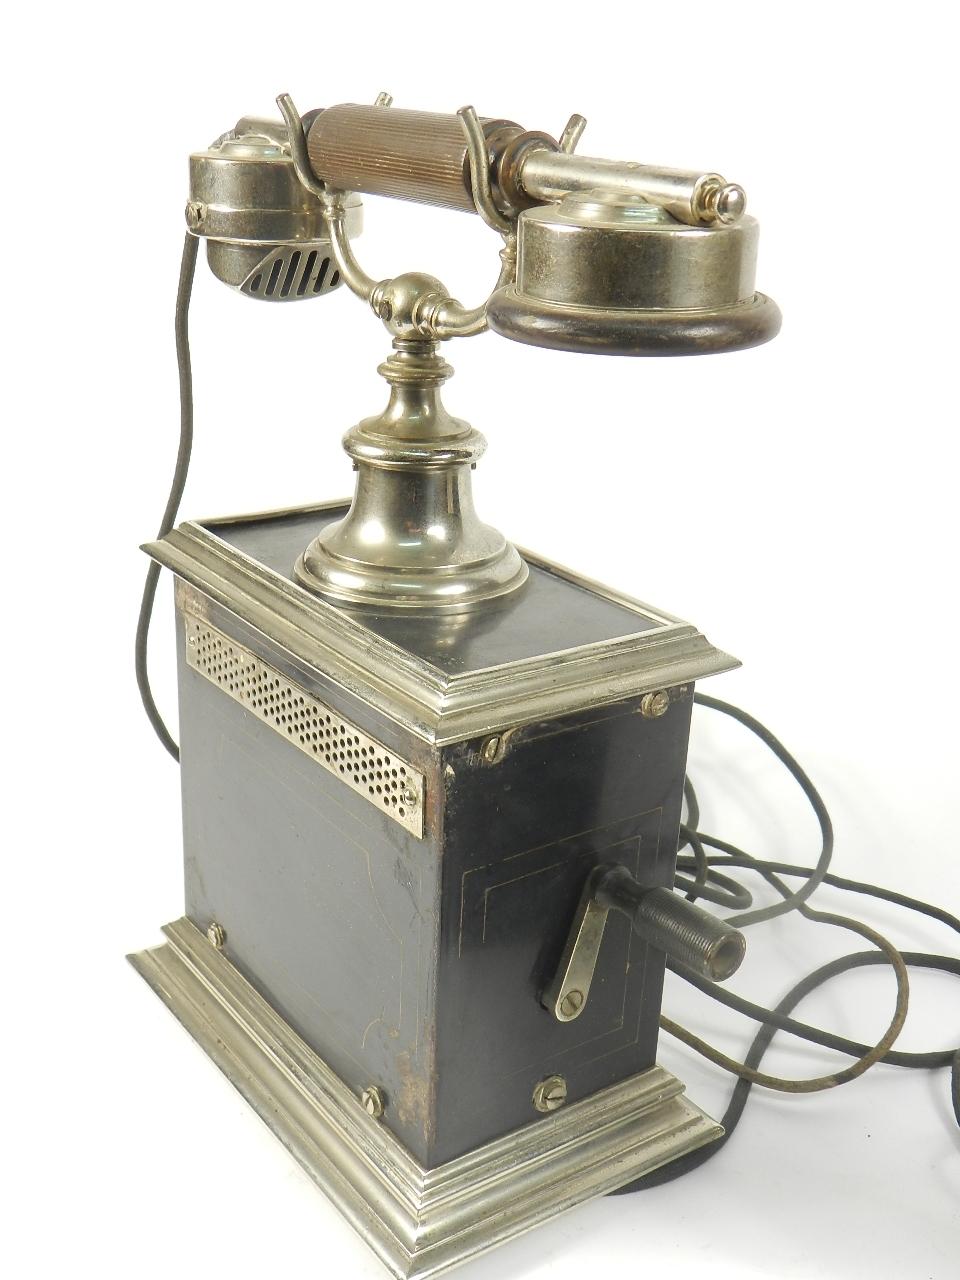 Imagen TELEFONO SOBREMESA AÑO 1930 35382